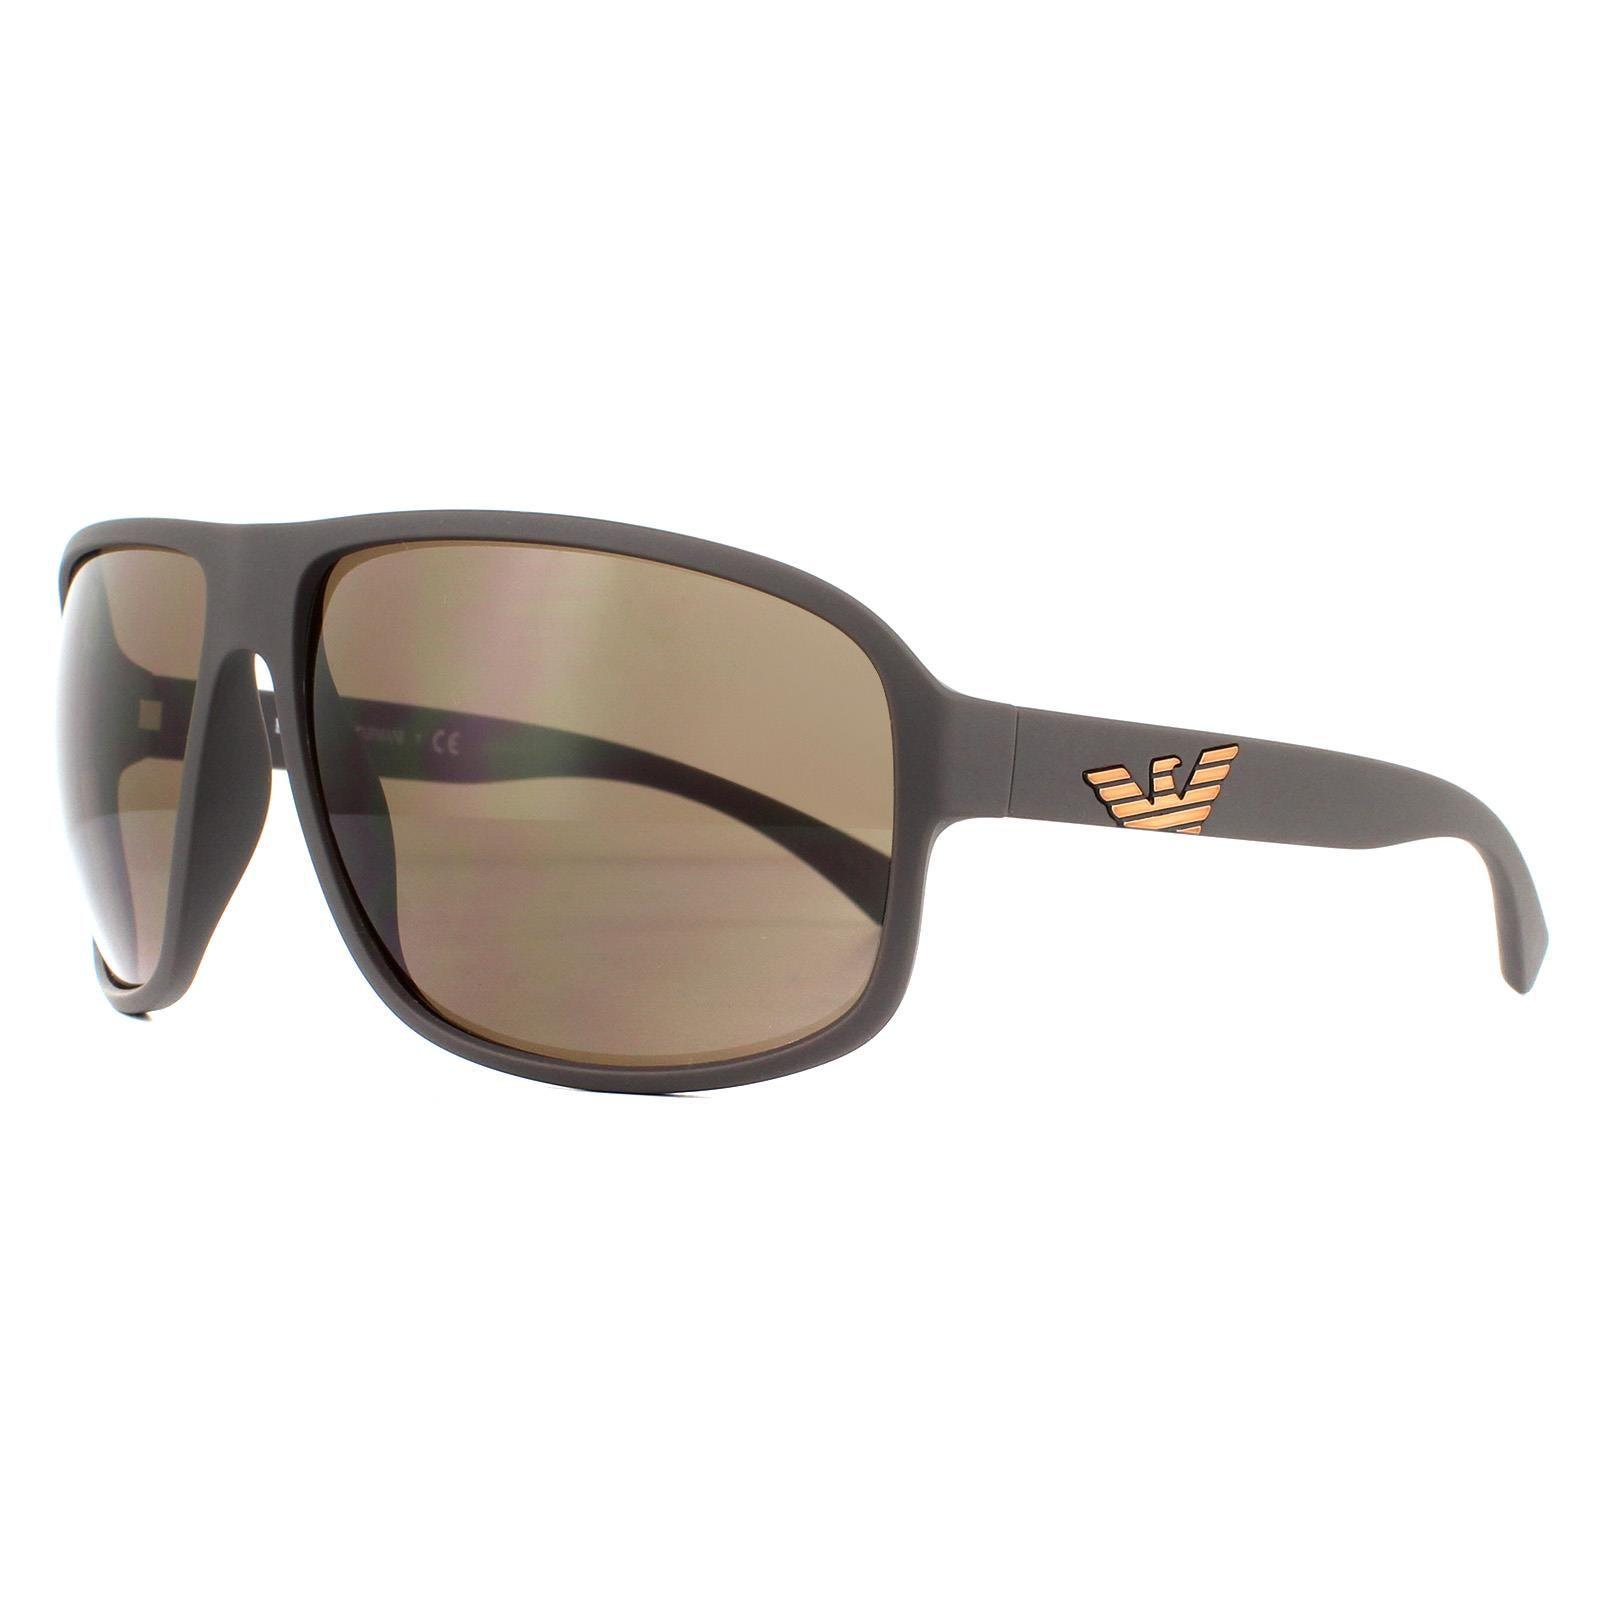 Emporio Armani Sunglasses EA4130 575573 Matte Brown Brown